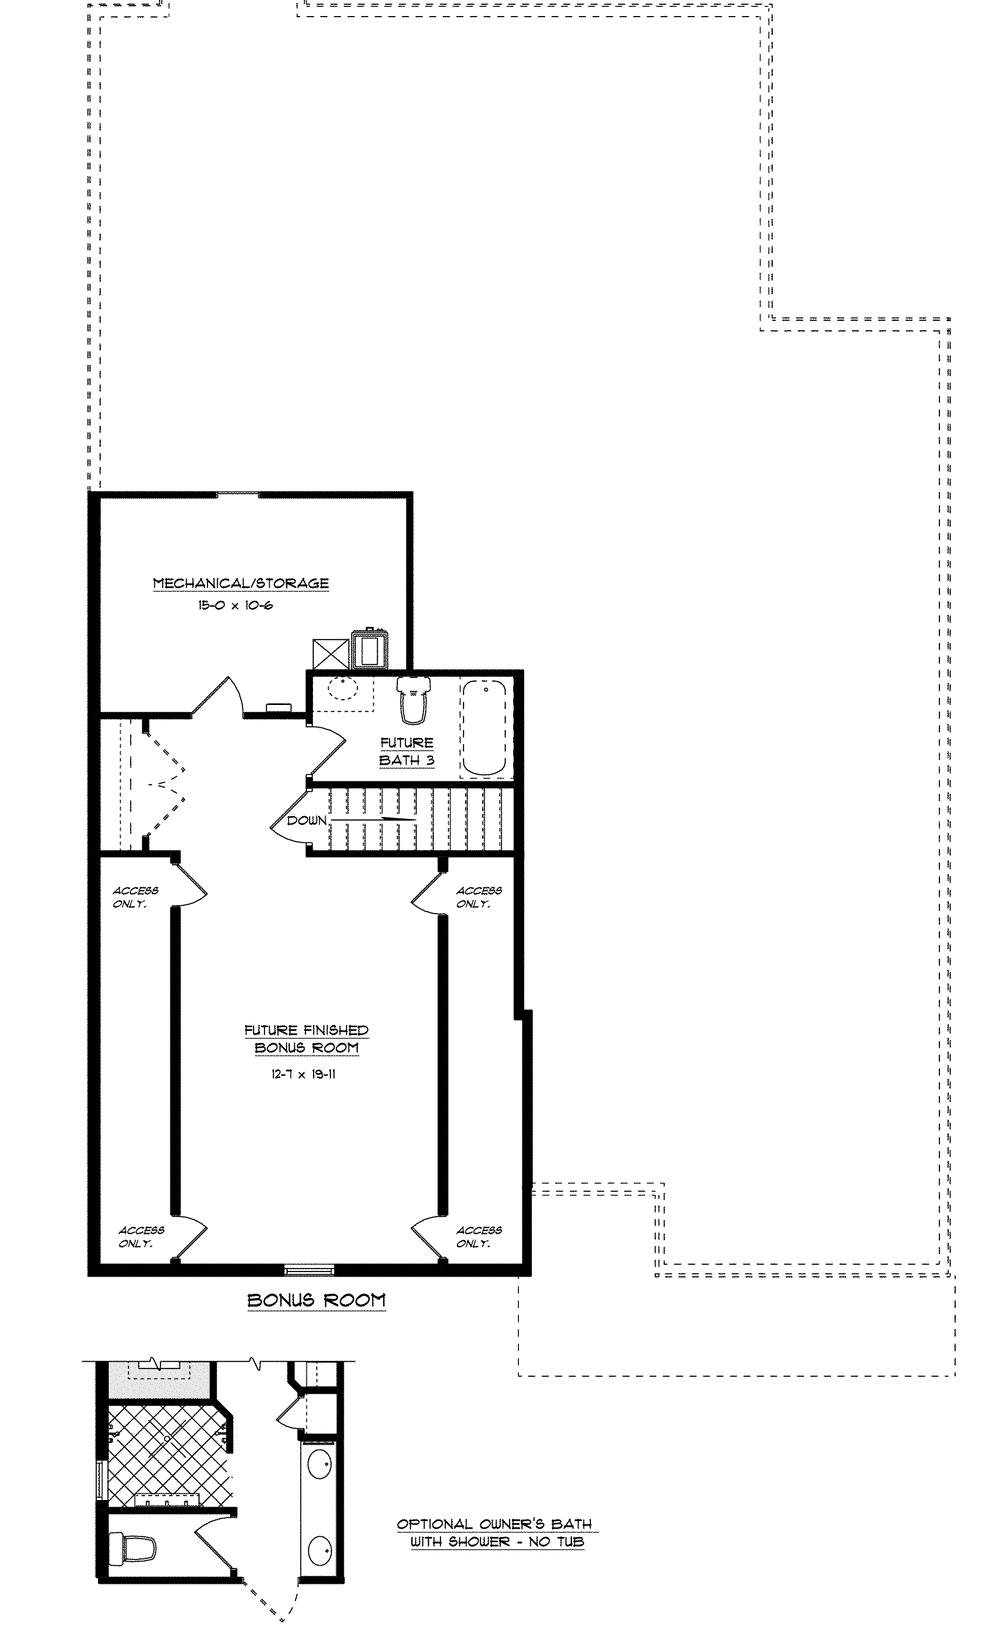 craig-builders-Cascadia-Centennial-SECOND-FLR